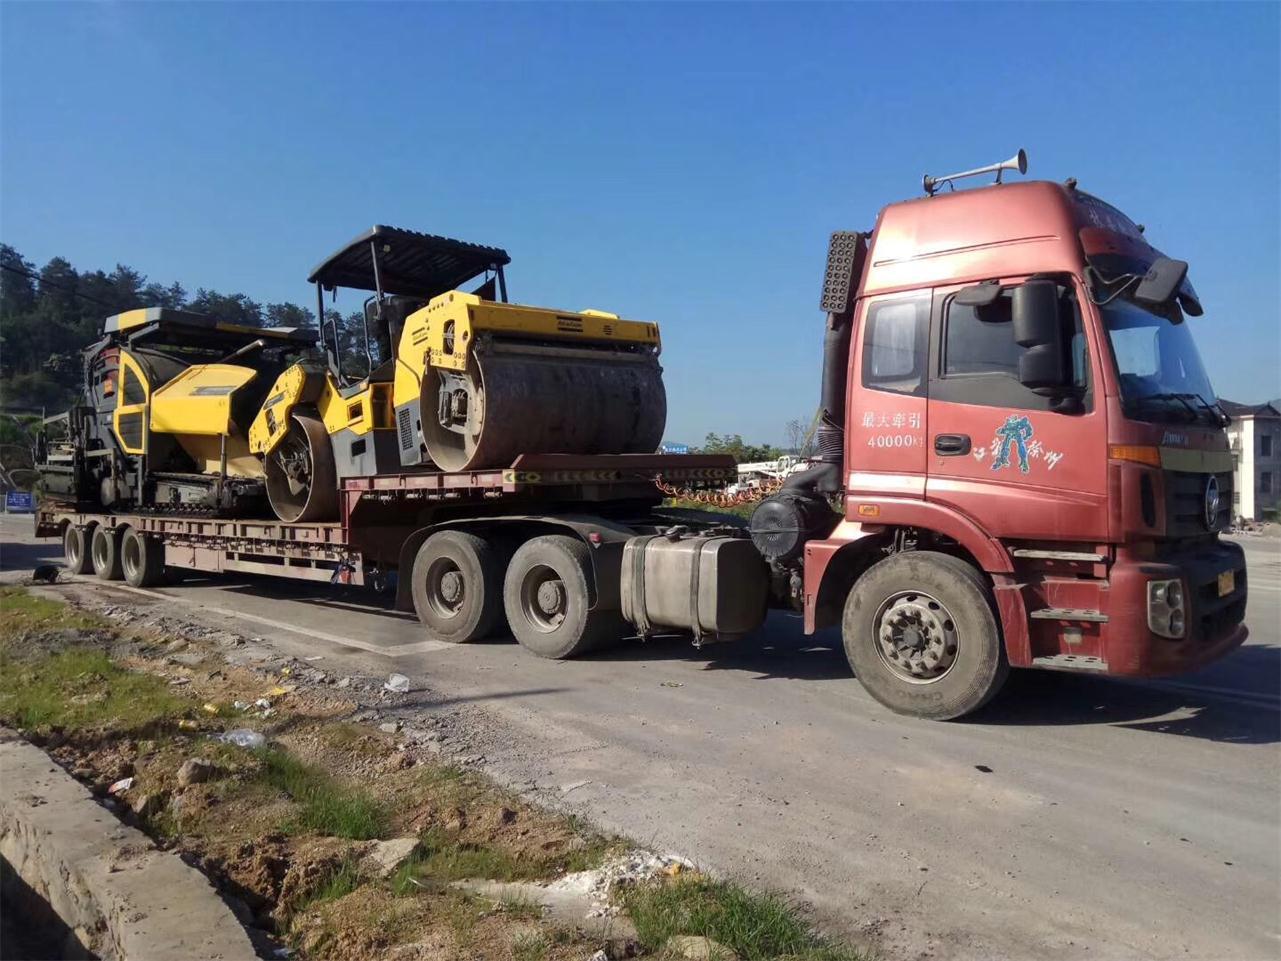 恩施大件物流运输公司――[荐]漳州专业的大件物流运输公司